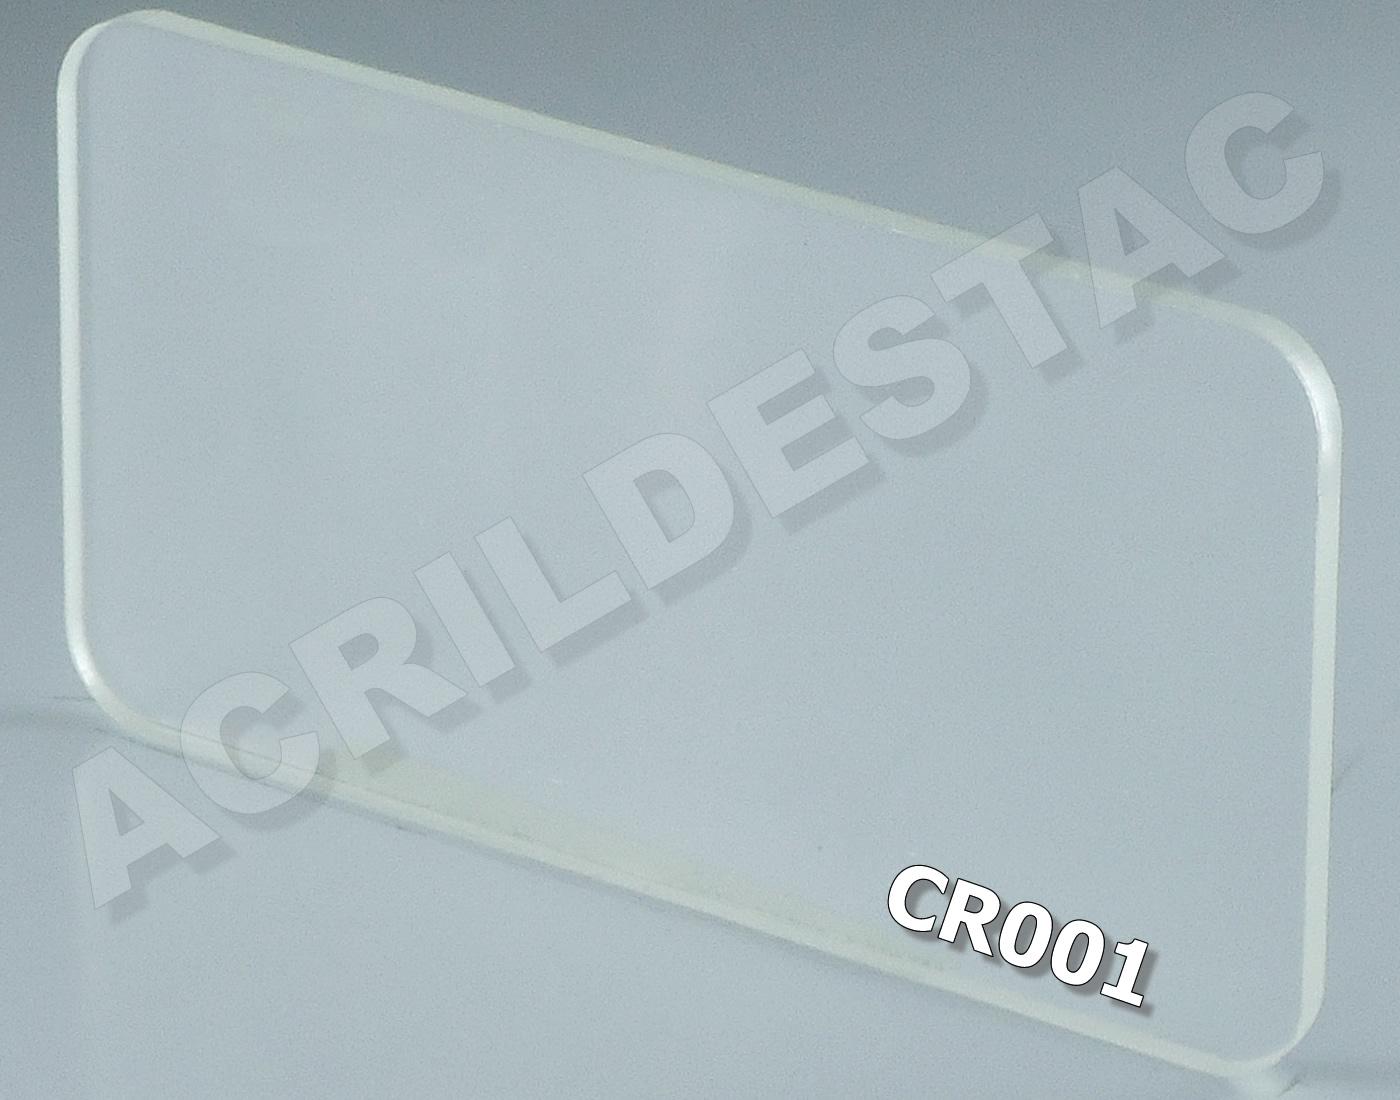 0.50 x 0.50 - 5mm - CRISTAL Transparente PL-CR001 -